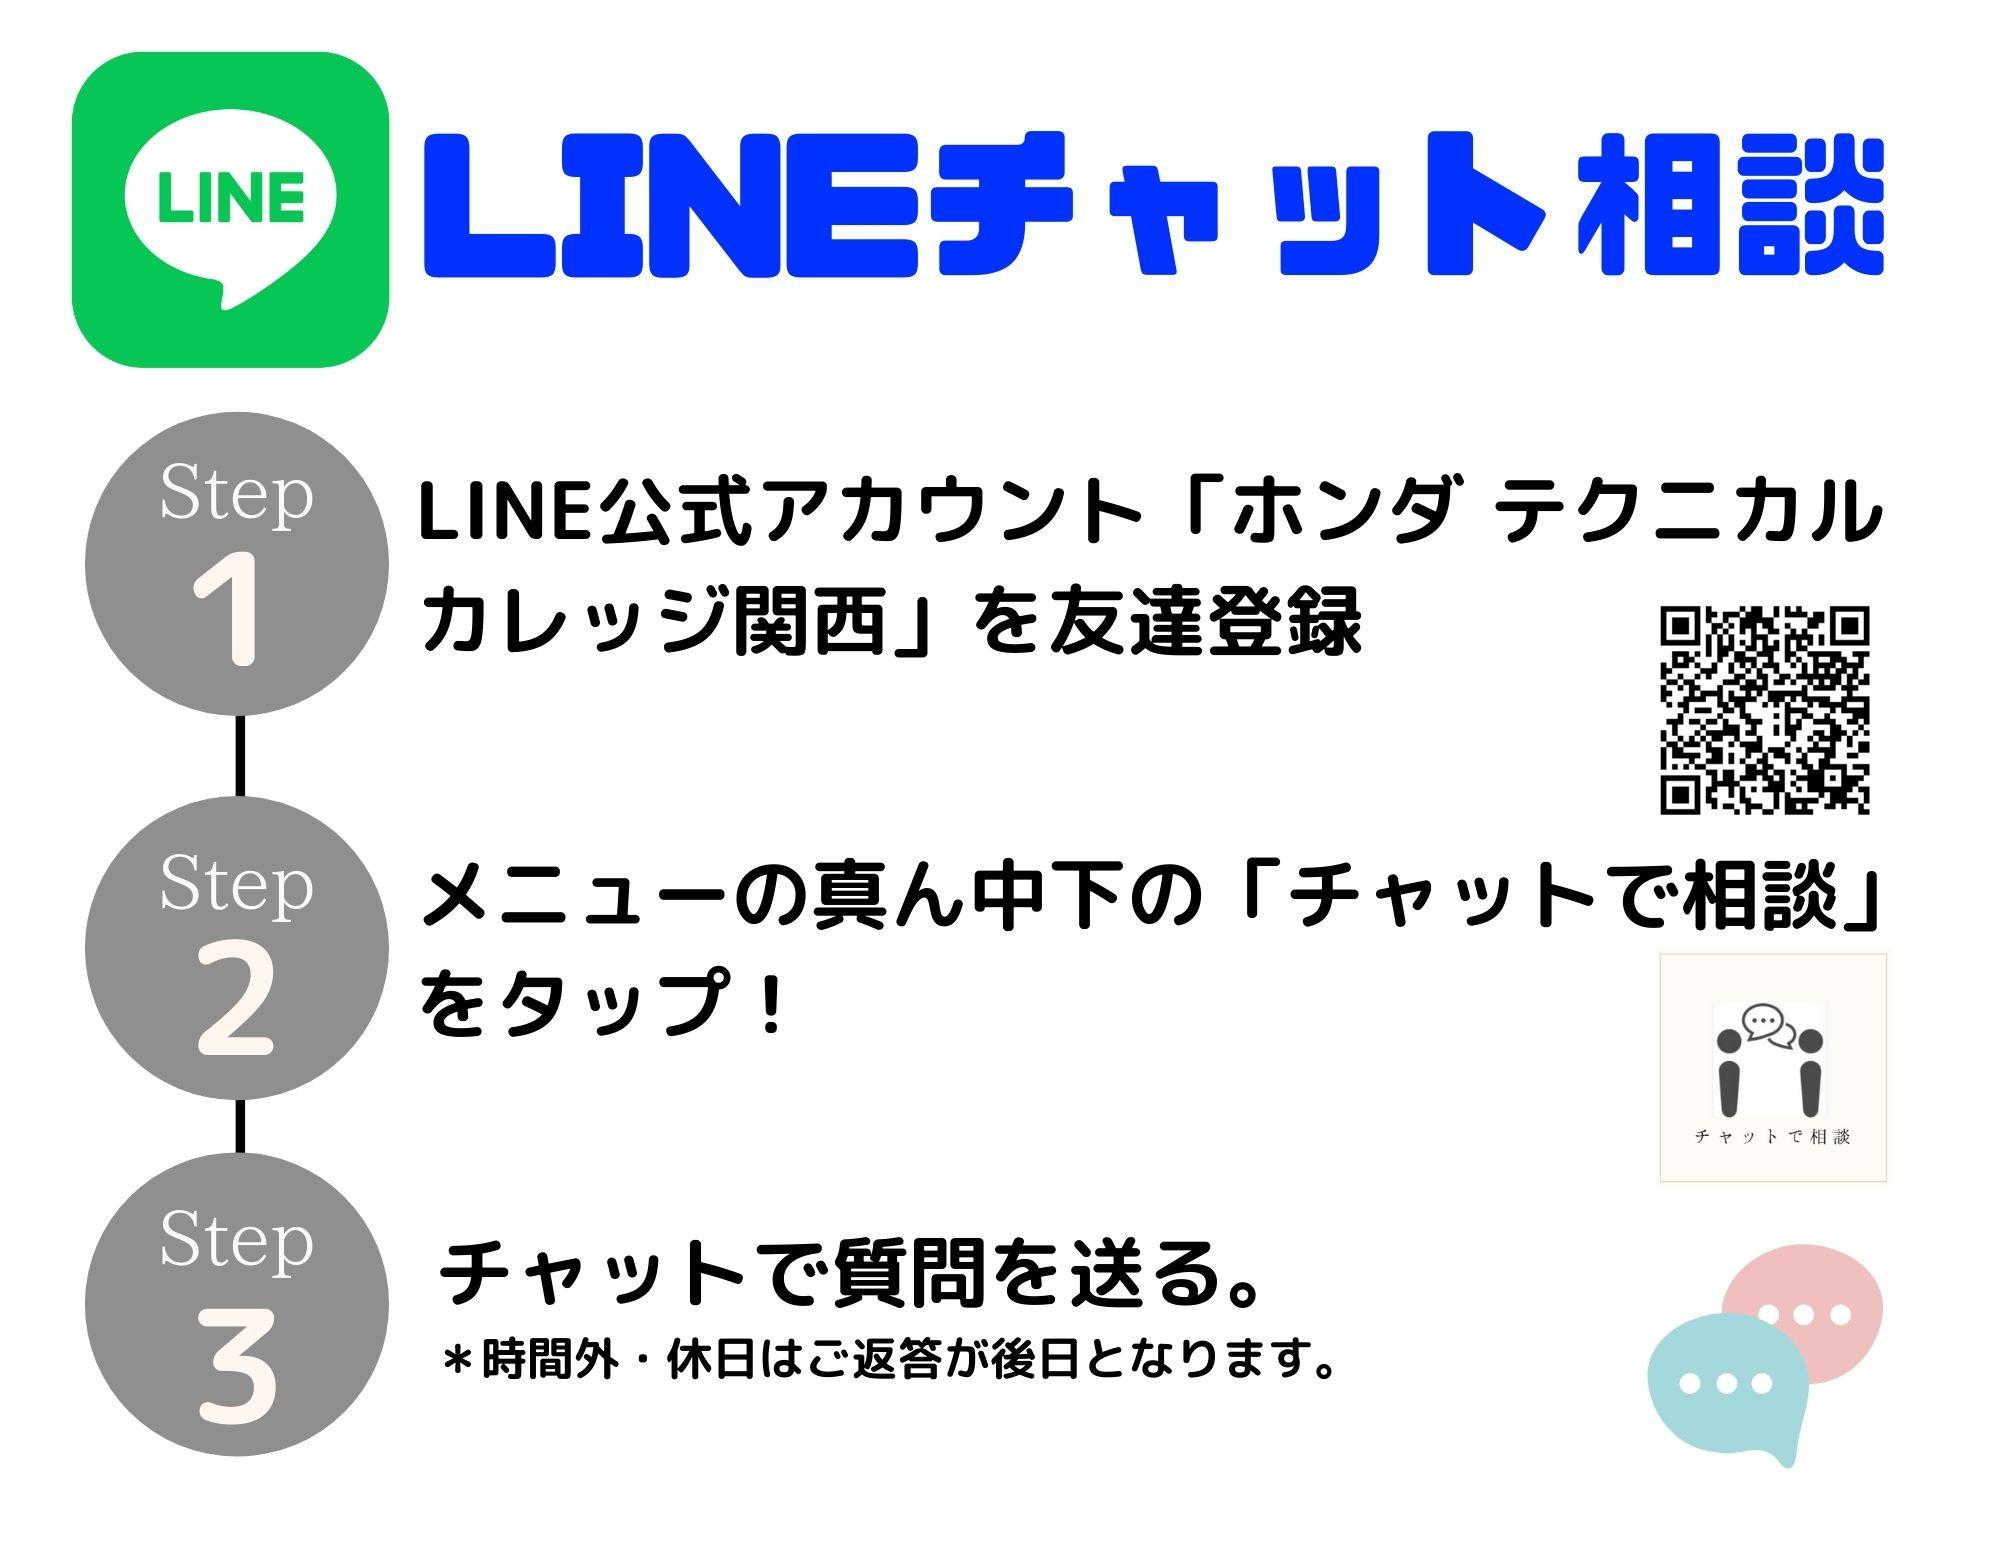 【お知らせ】LINEでのチャット質問・相談受付中!(高校生・受験対象者様向け)